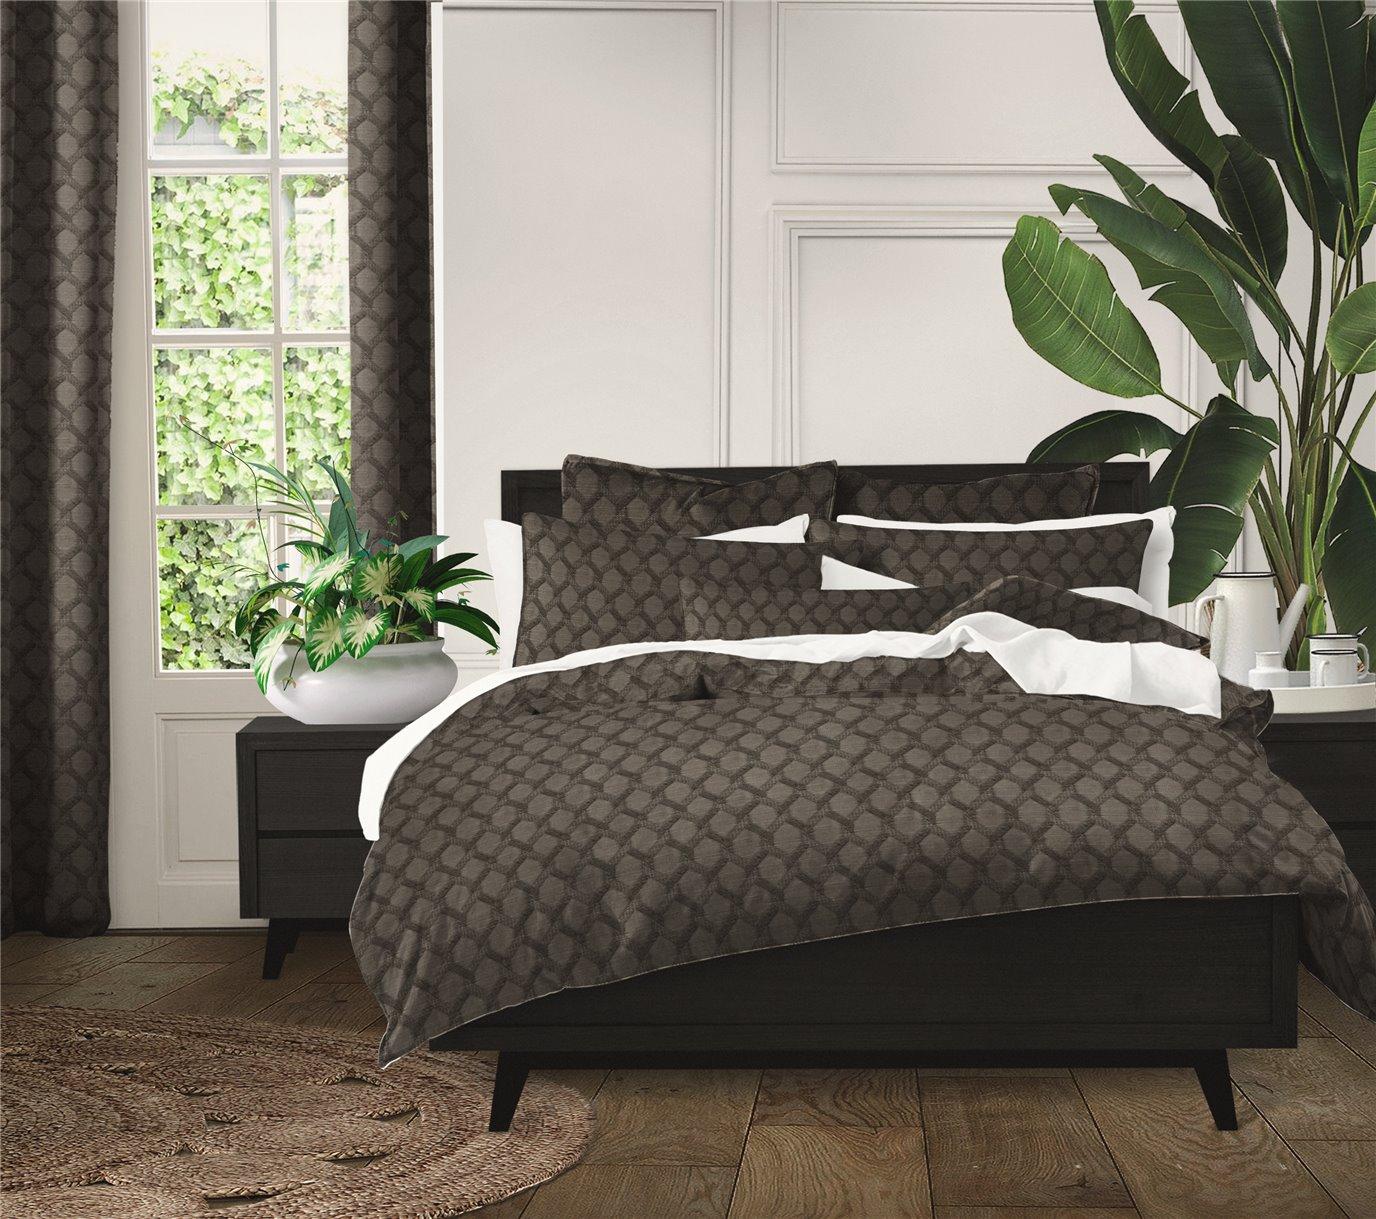 Malden Charcoal Comforter Set - Super Queen